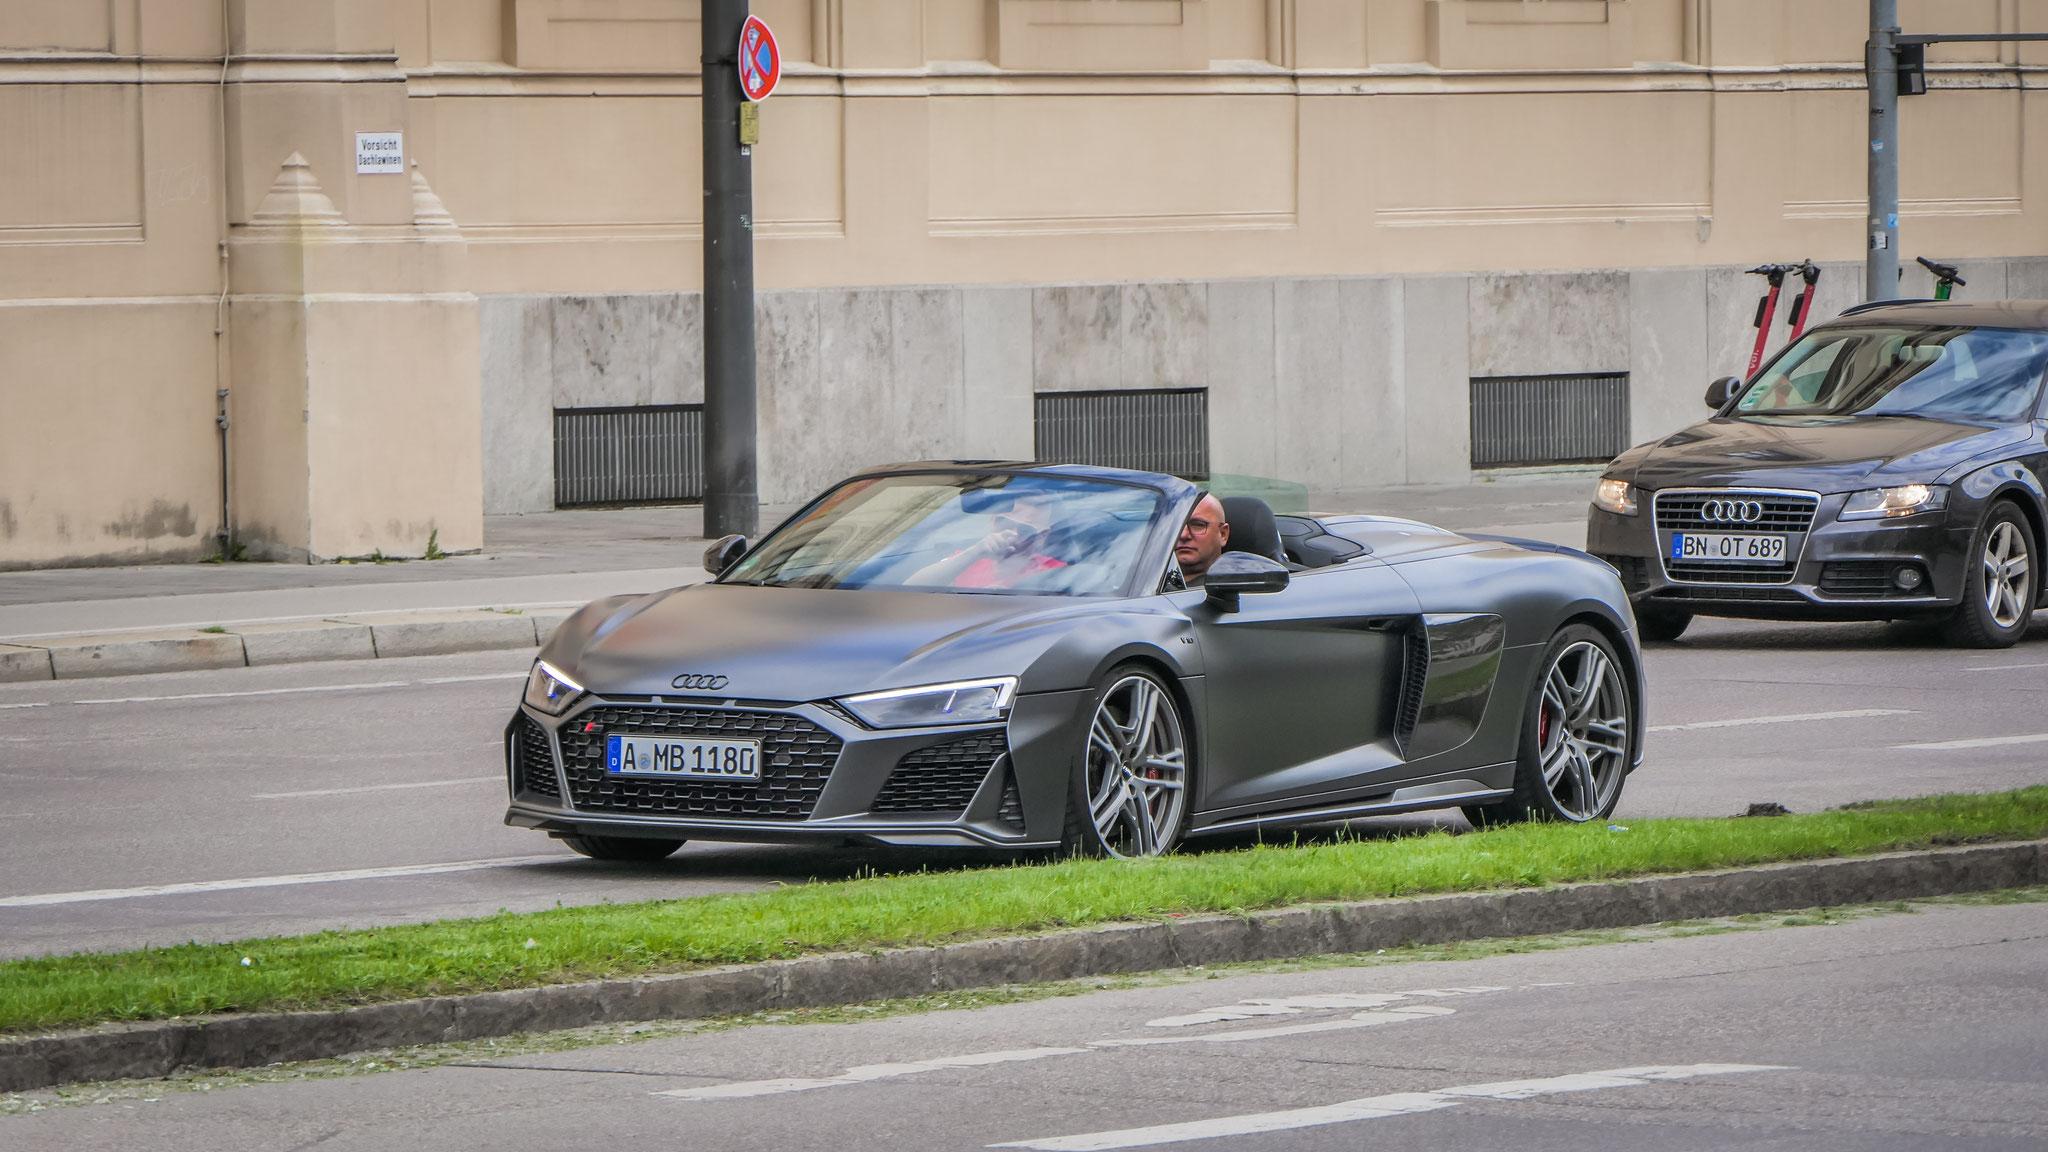 Audi R8 V10 Spyder - A-MB-1180